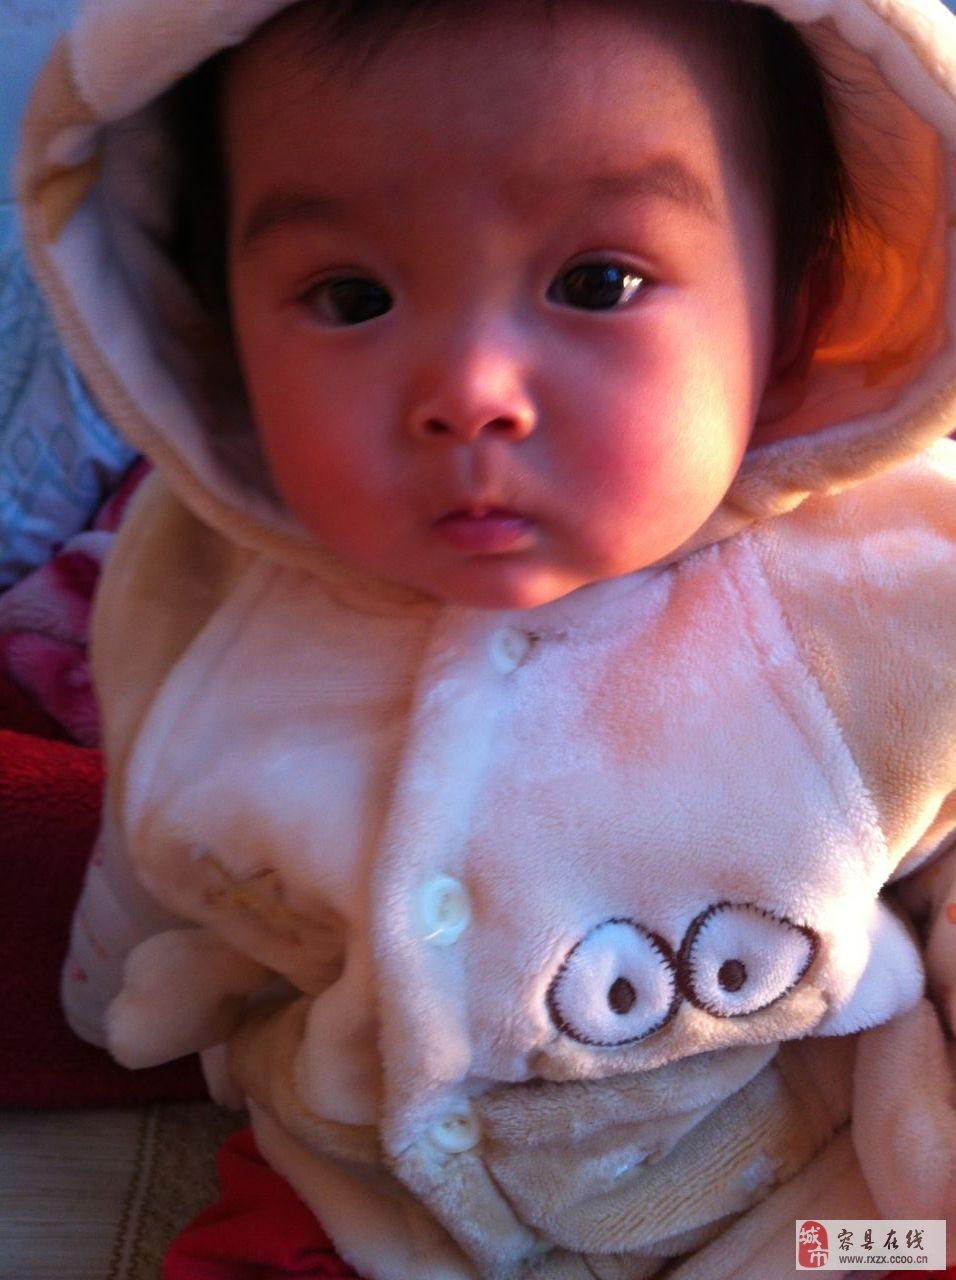 宝宝 壁纸 孩子 小孩 婴儿 956_1280 竖版 竖屏 手机